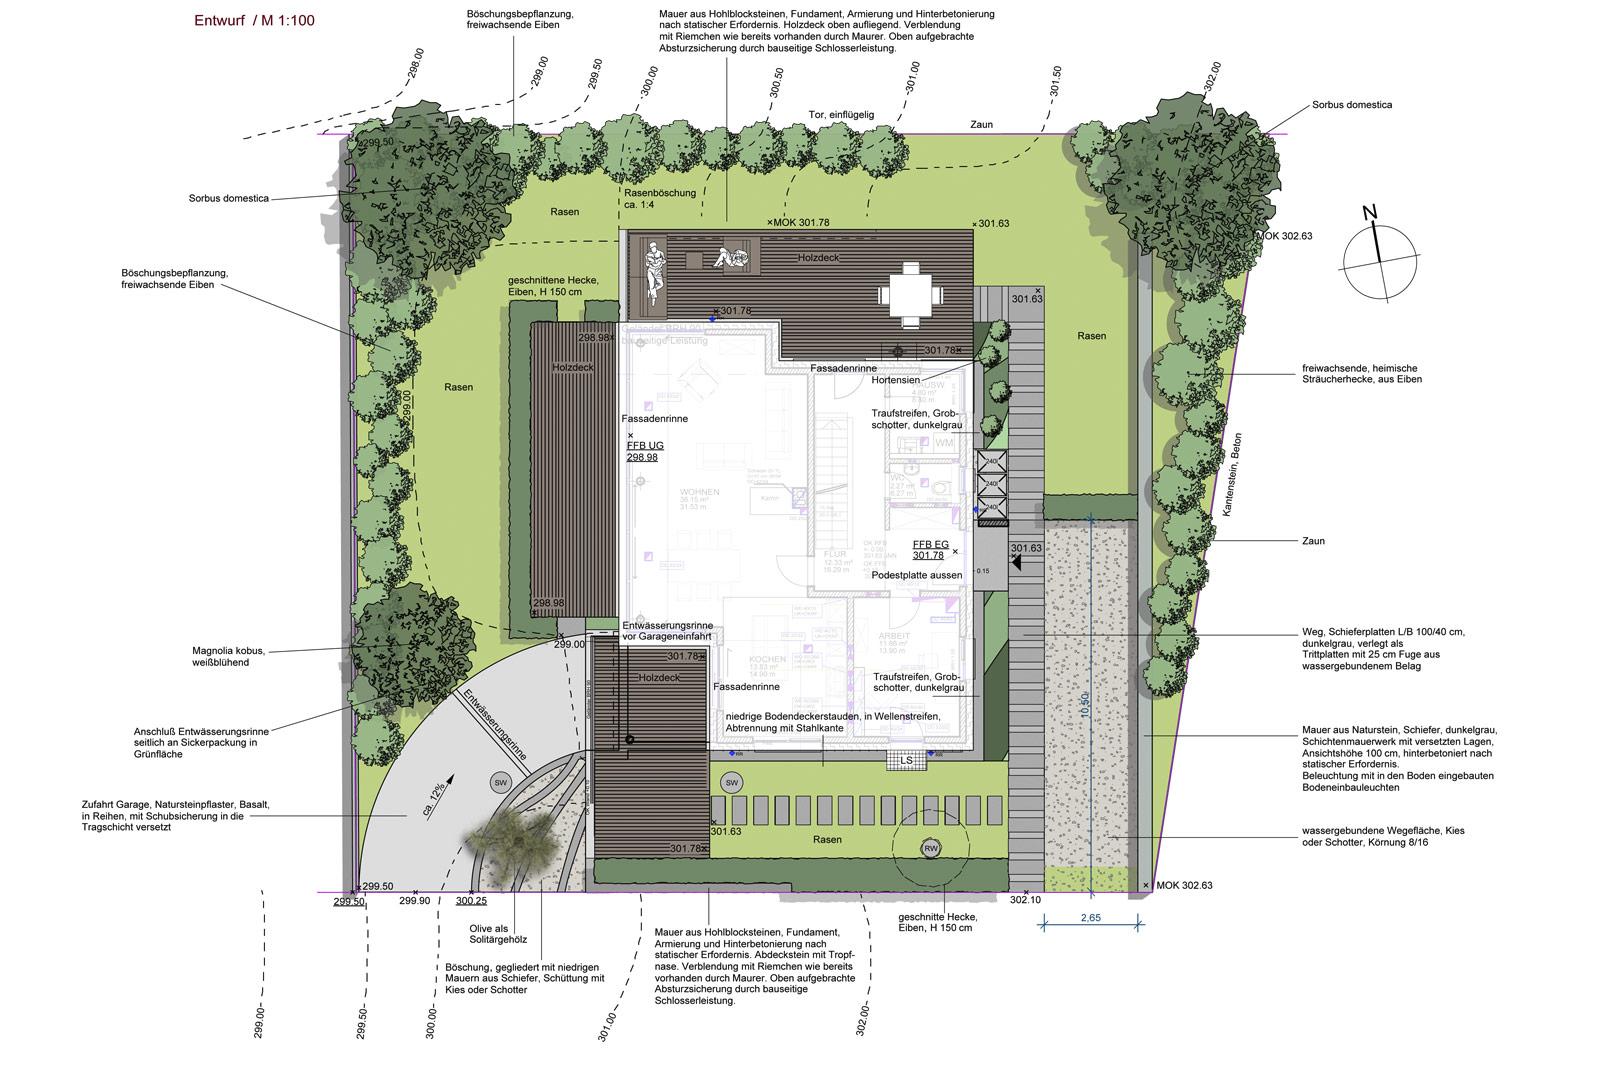 gartengestaltung freiburg hausg rten realisiert von team gr n. Black Bedroom Furniture Sets. Home Design Ideas